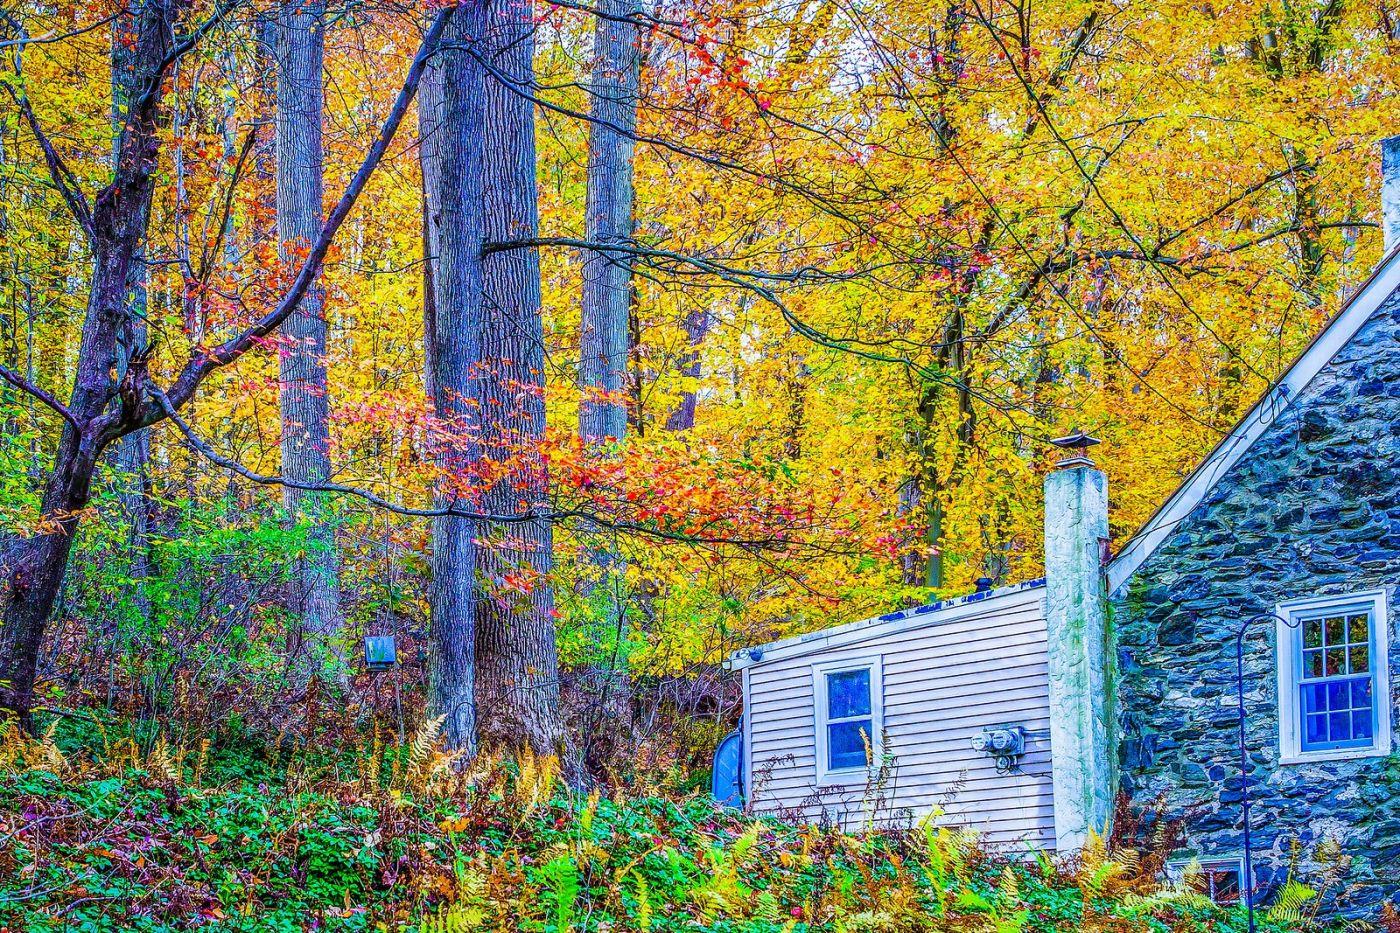 宾州雷德利克里克公园(Ridley creek park),大自然的舞台_图1-10